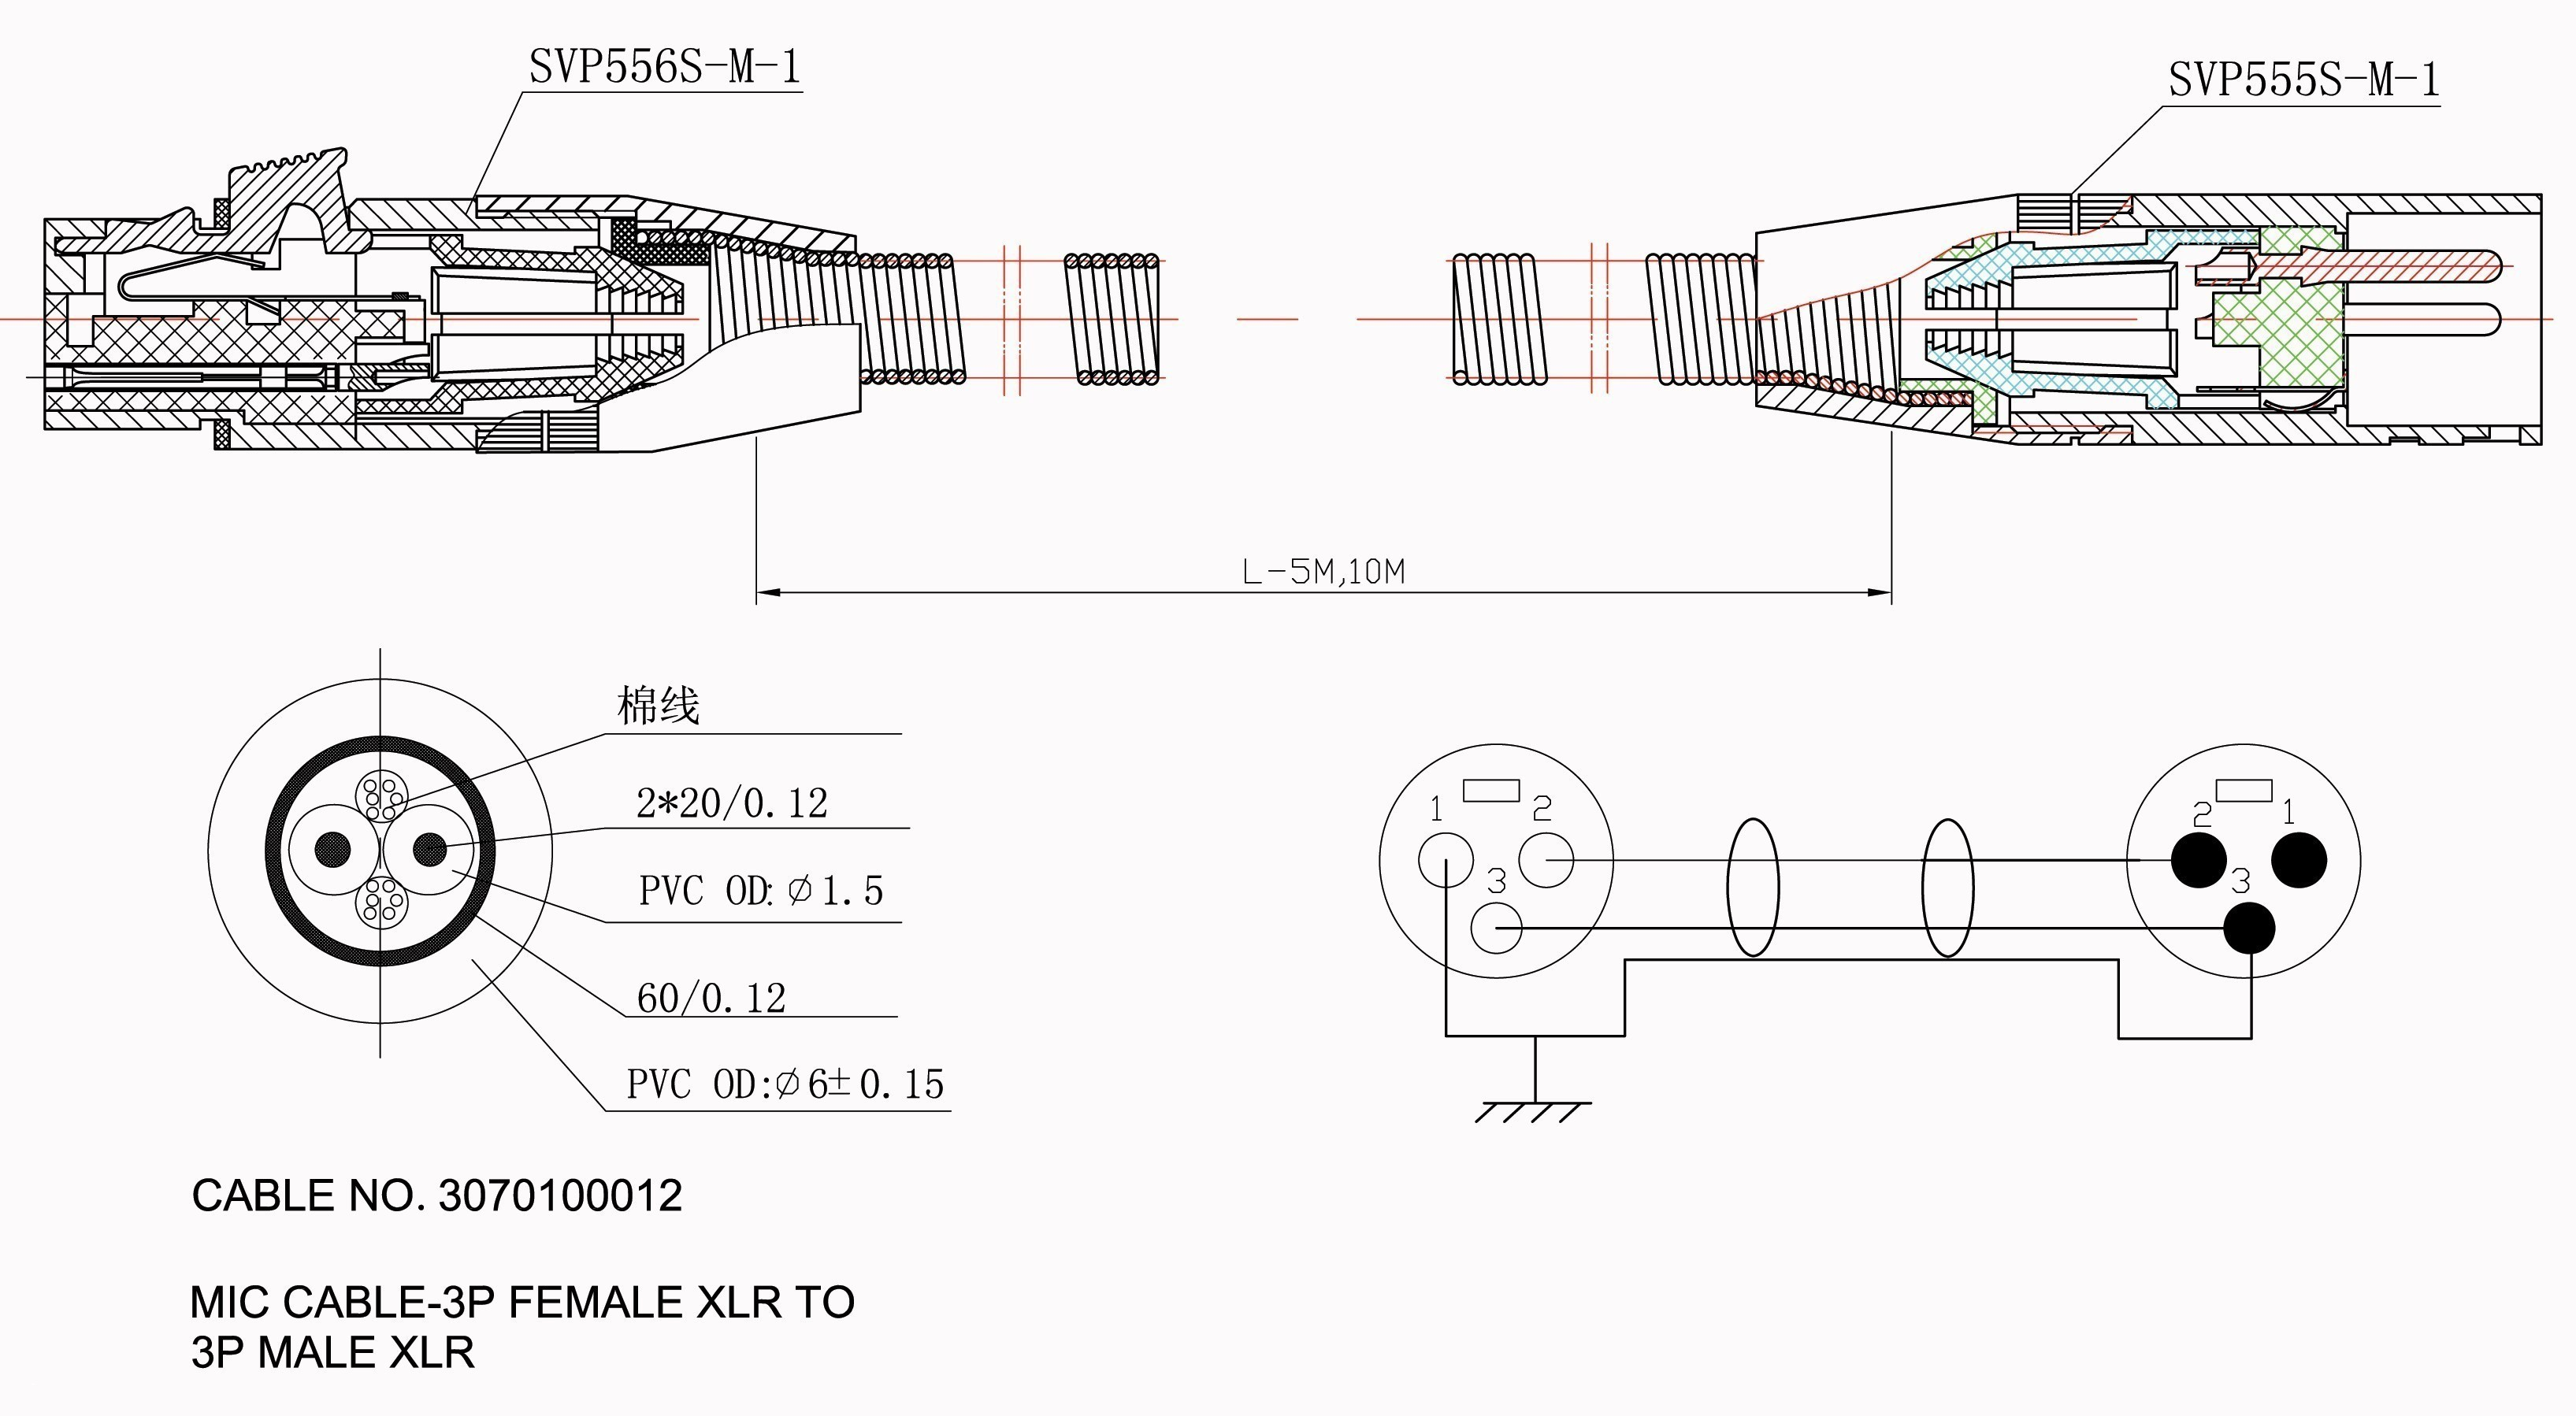 7.3 Glow Plug Controller Diagram 55aa170 04 F350 Glow Plug Wiring Diagram Of 7.3 Glow Plug Controller Diagram